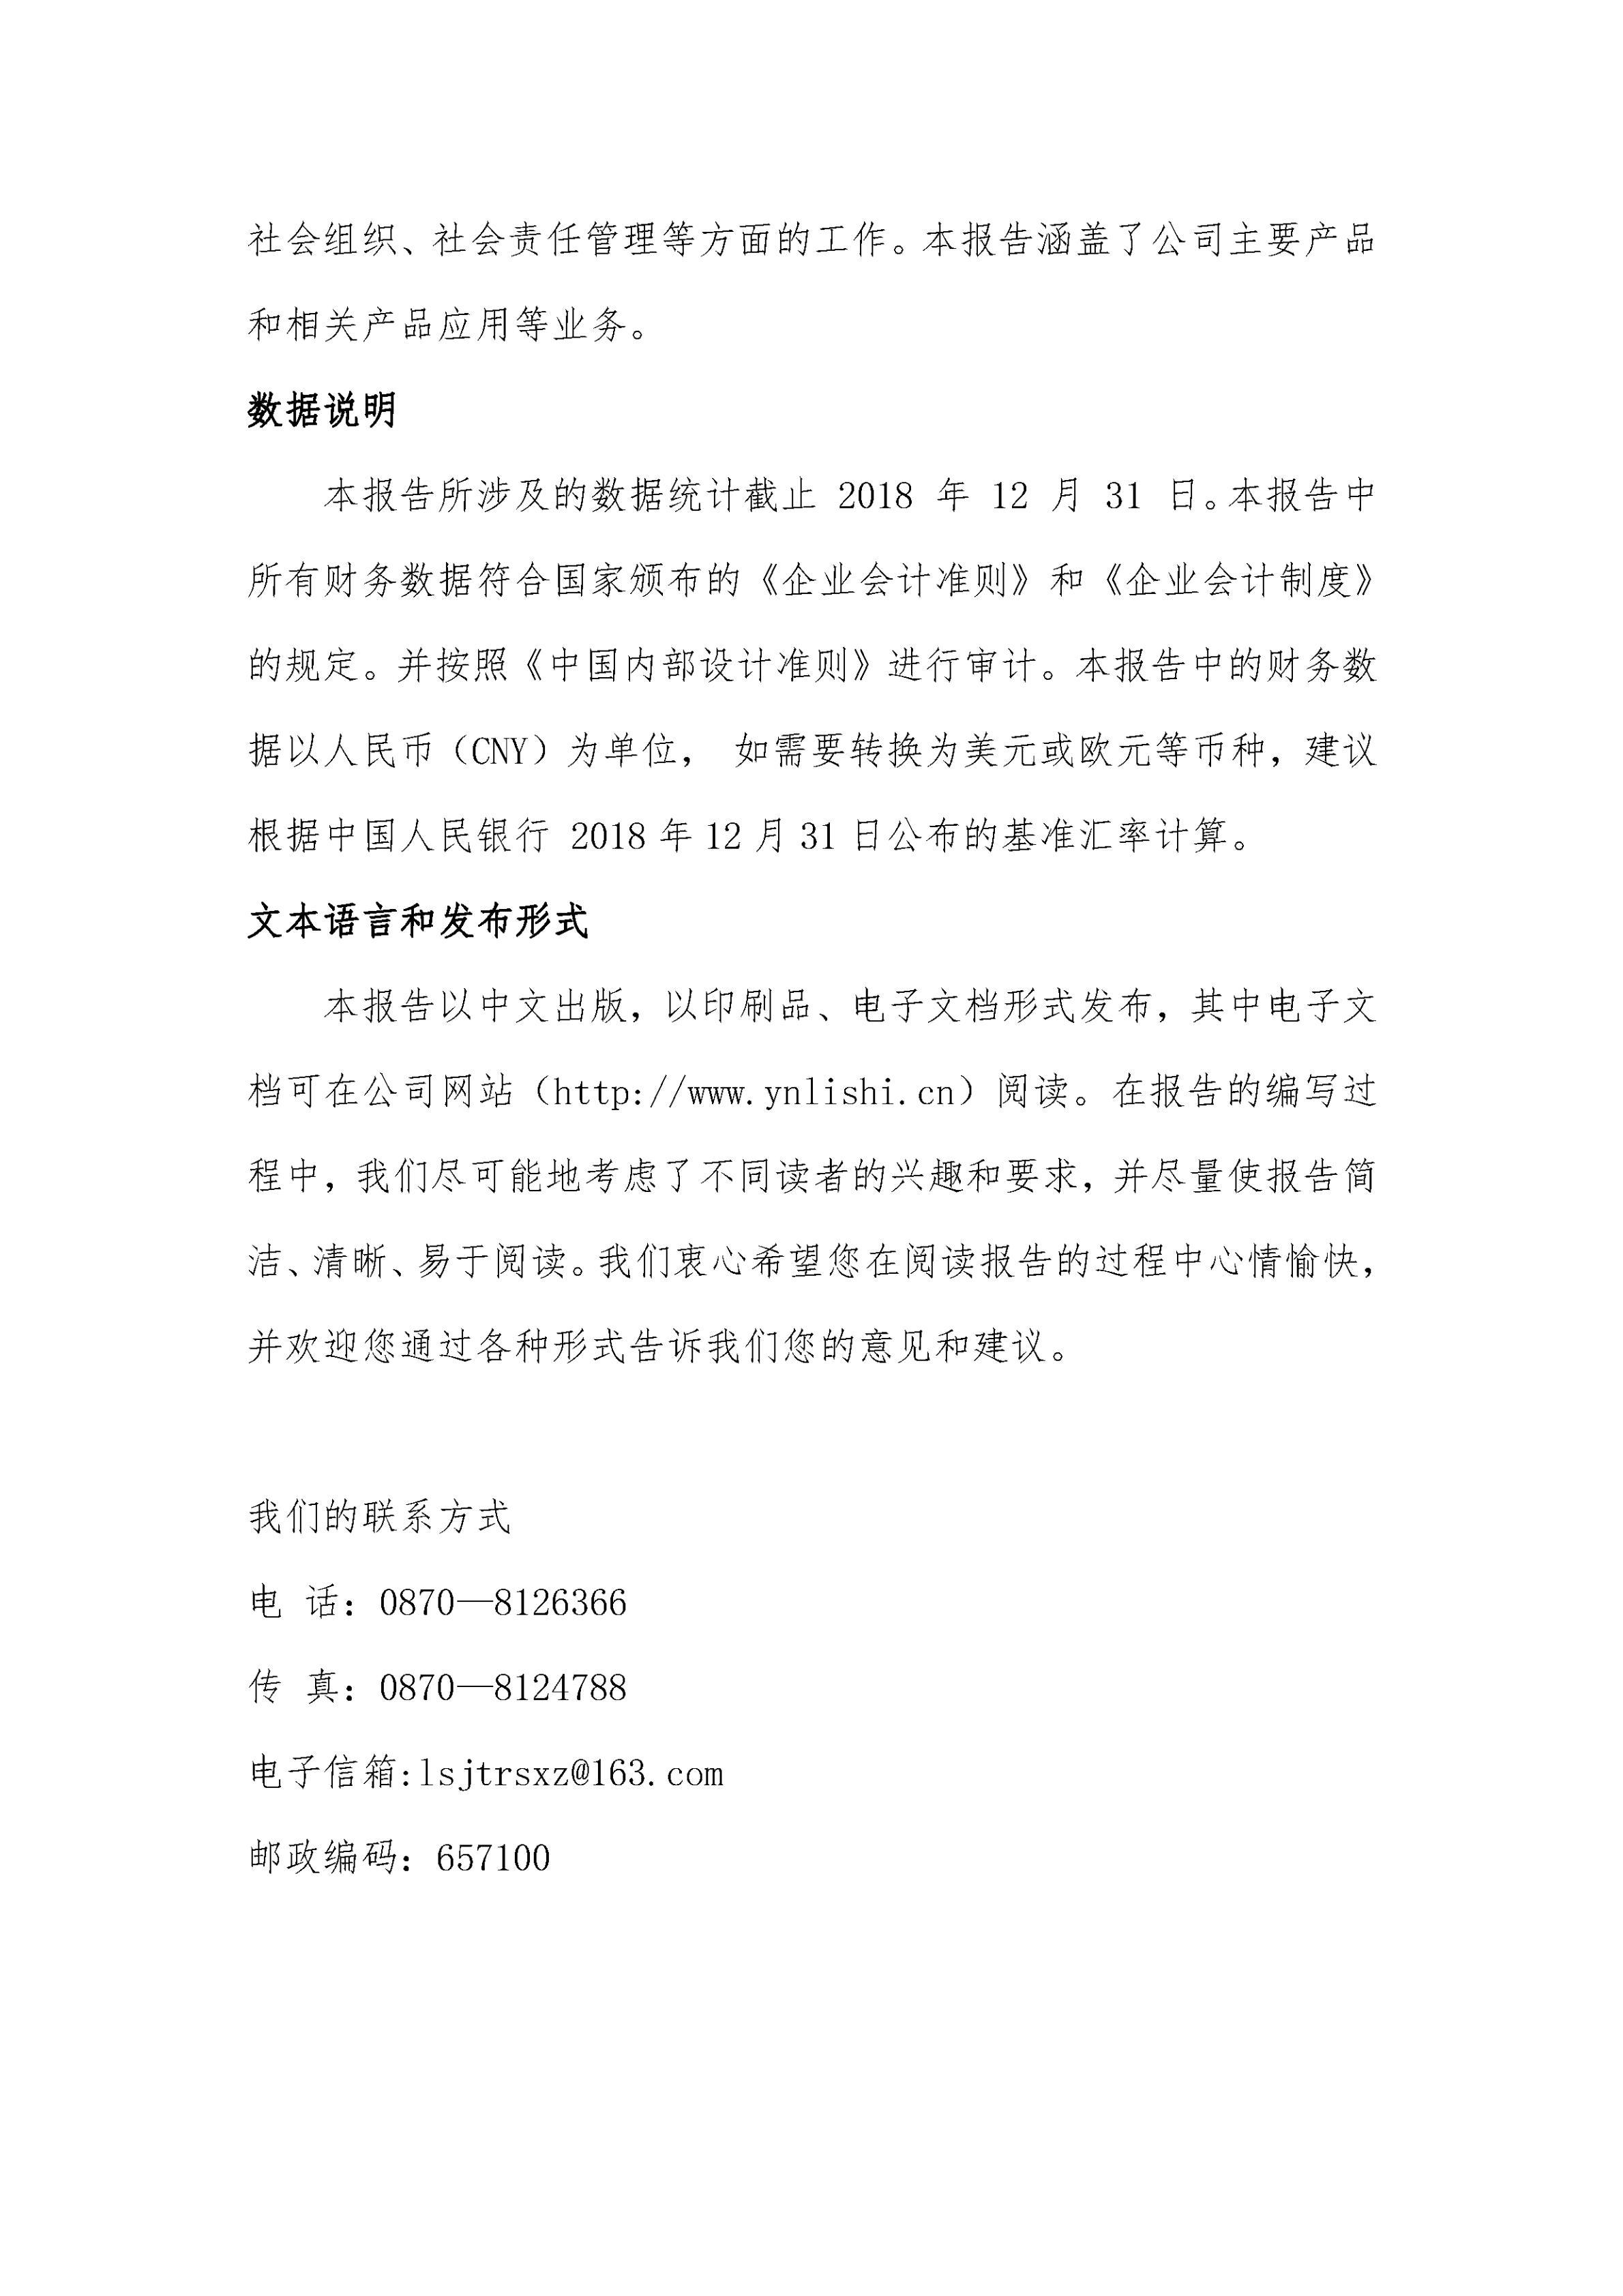 云南理世實業(集團)有限責任公司2018年社會責任報告.FR11_01.jpg